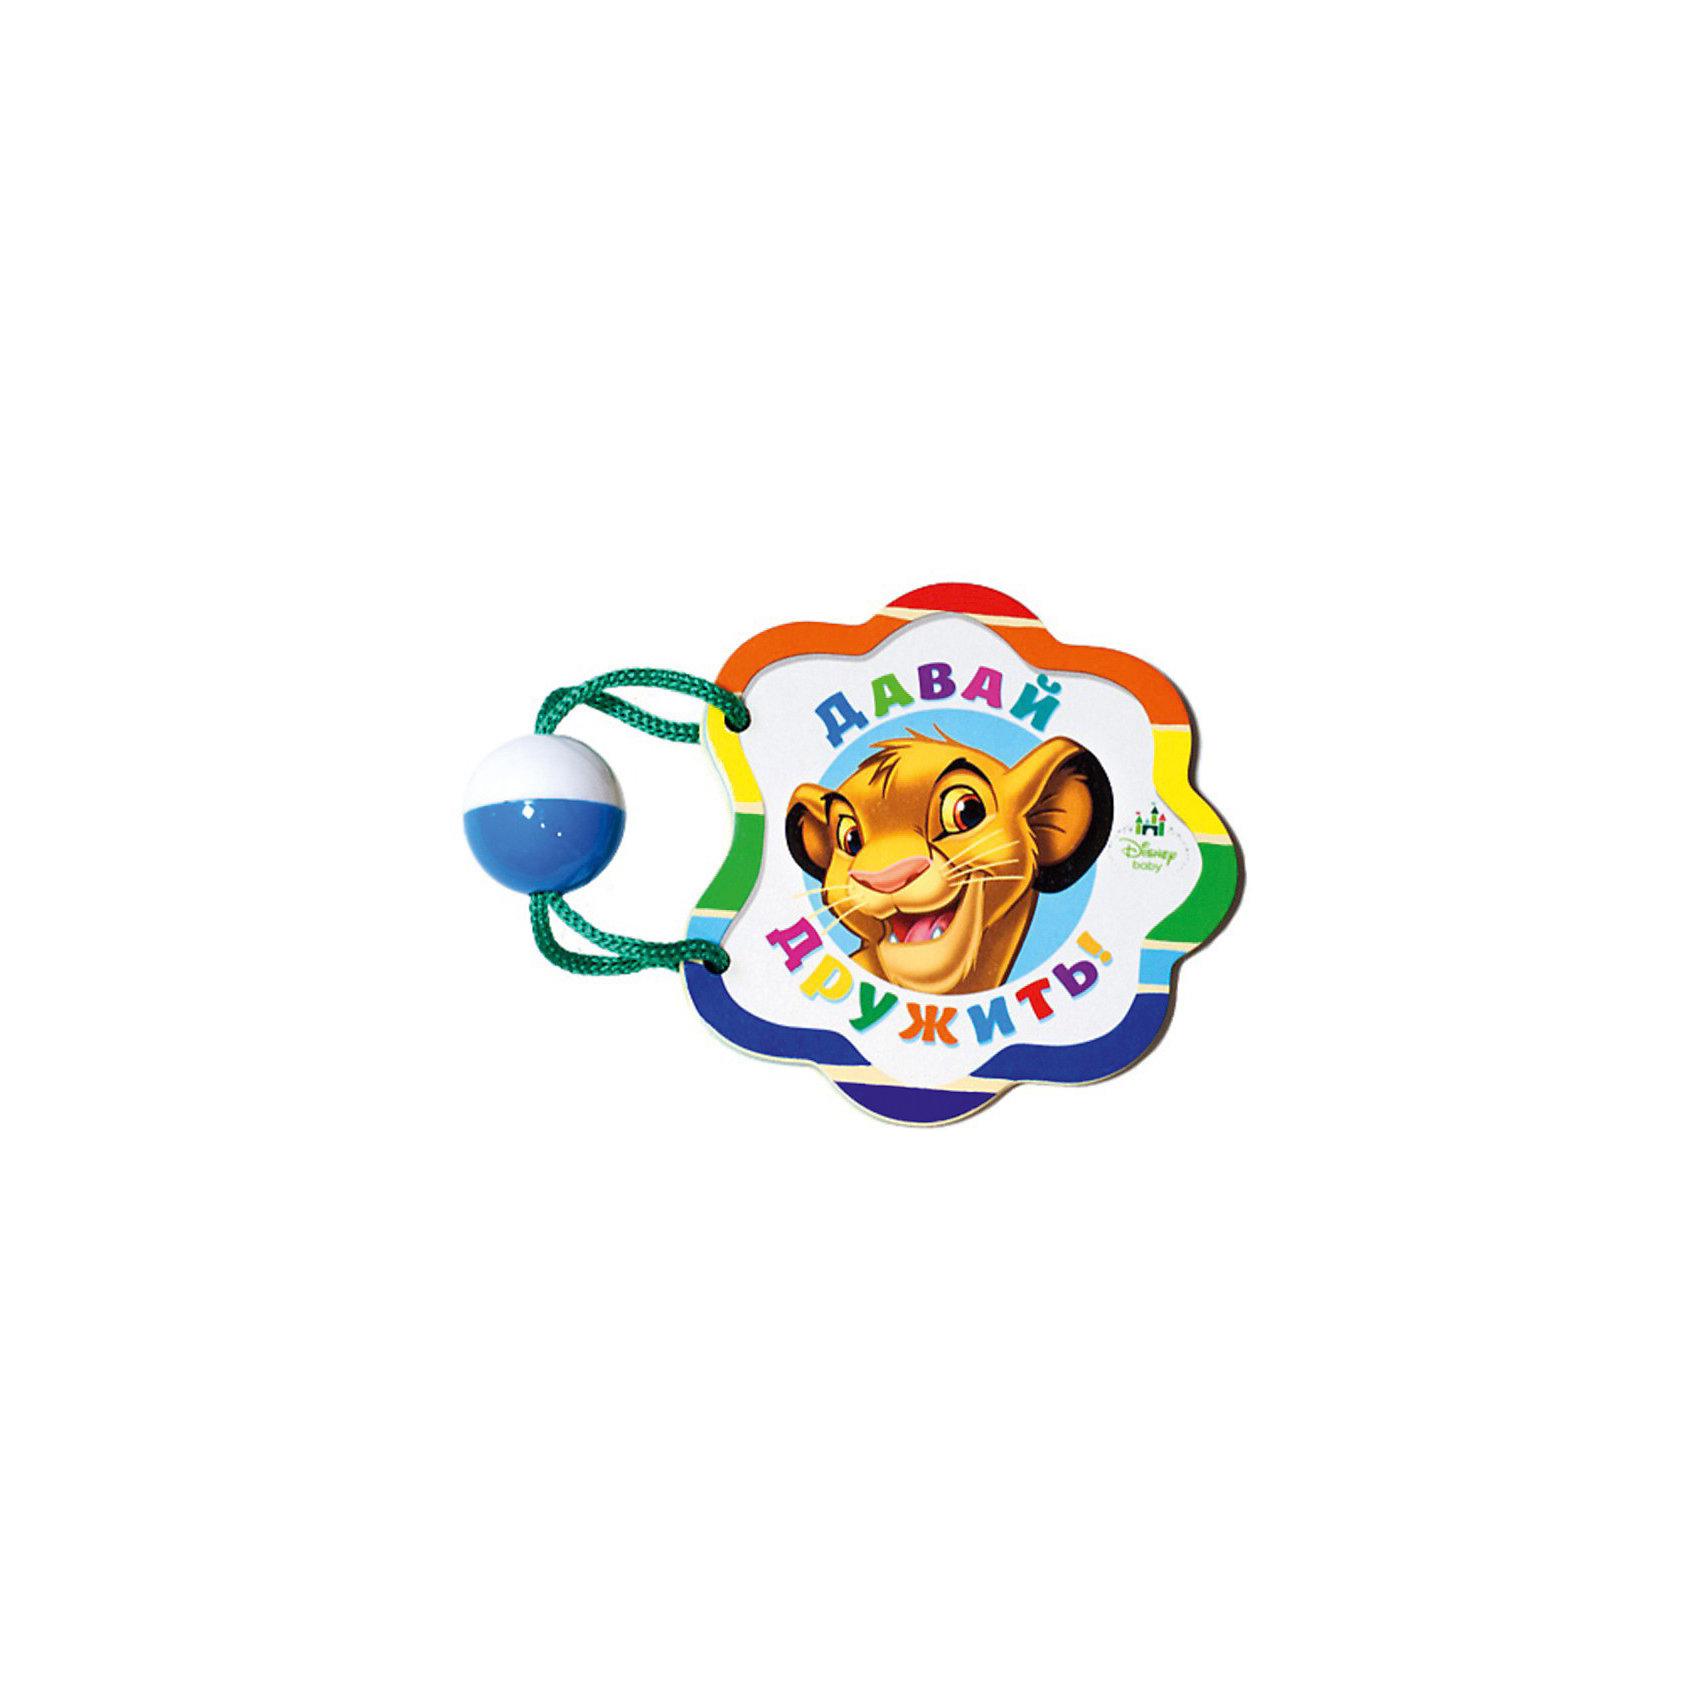 Книжка-погремушка Давай дружить!, Король ЛевВ красивой яркой книжке с погремушкой самых маленьких детишек ждет встреча с любимыми героями диснеевского мультика Король Лев. Это прекрасный подарок для каждого малыша! <br><br>Дополнительная информация:<br><br>- Страниц: 8<br>- Материал: картон<br>- Формат: 120х120 мм<br>- Вырубка на шнурке с погремушкой.<br>- Вес: 80 г<br><br>Книжку-погремушку Давай дружить!, Король Лев можно купить в нашем магазине.<br><br>Ширина мм: 140<br>Глубина мм: 35<br>Высота мм: 120<br>Вес г: 80<br>Возраст от месяцев: 0<br>Возраст до месяцев: 12<br>Пол: Унисекс<br>Возраст: Детский<br>SKU: 3910665